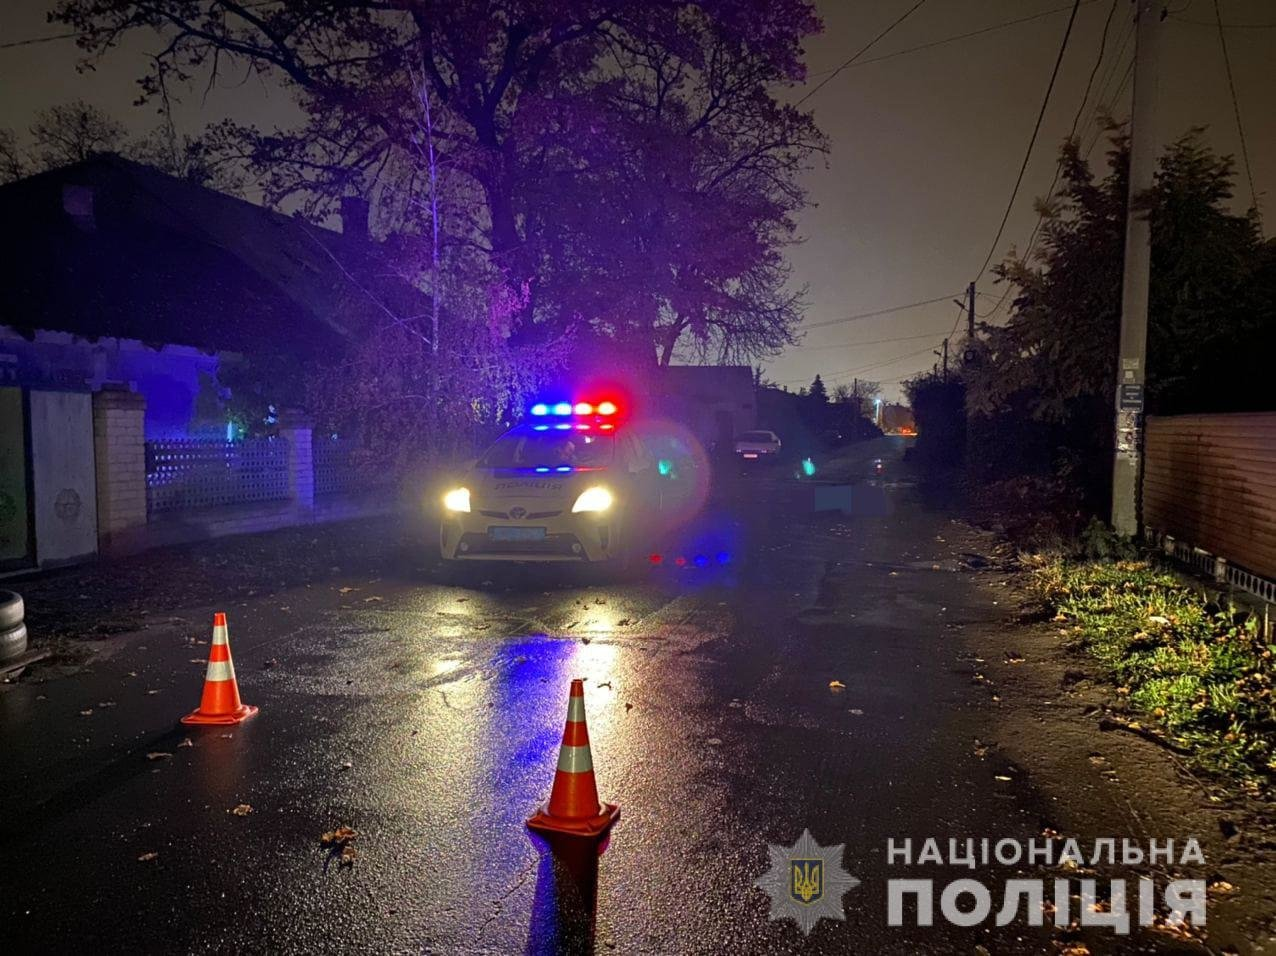 Сбил и уехал: в Одессе ищут виновника смертельного ДТП, - ФОТО, фото-1